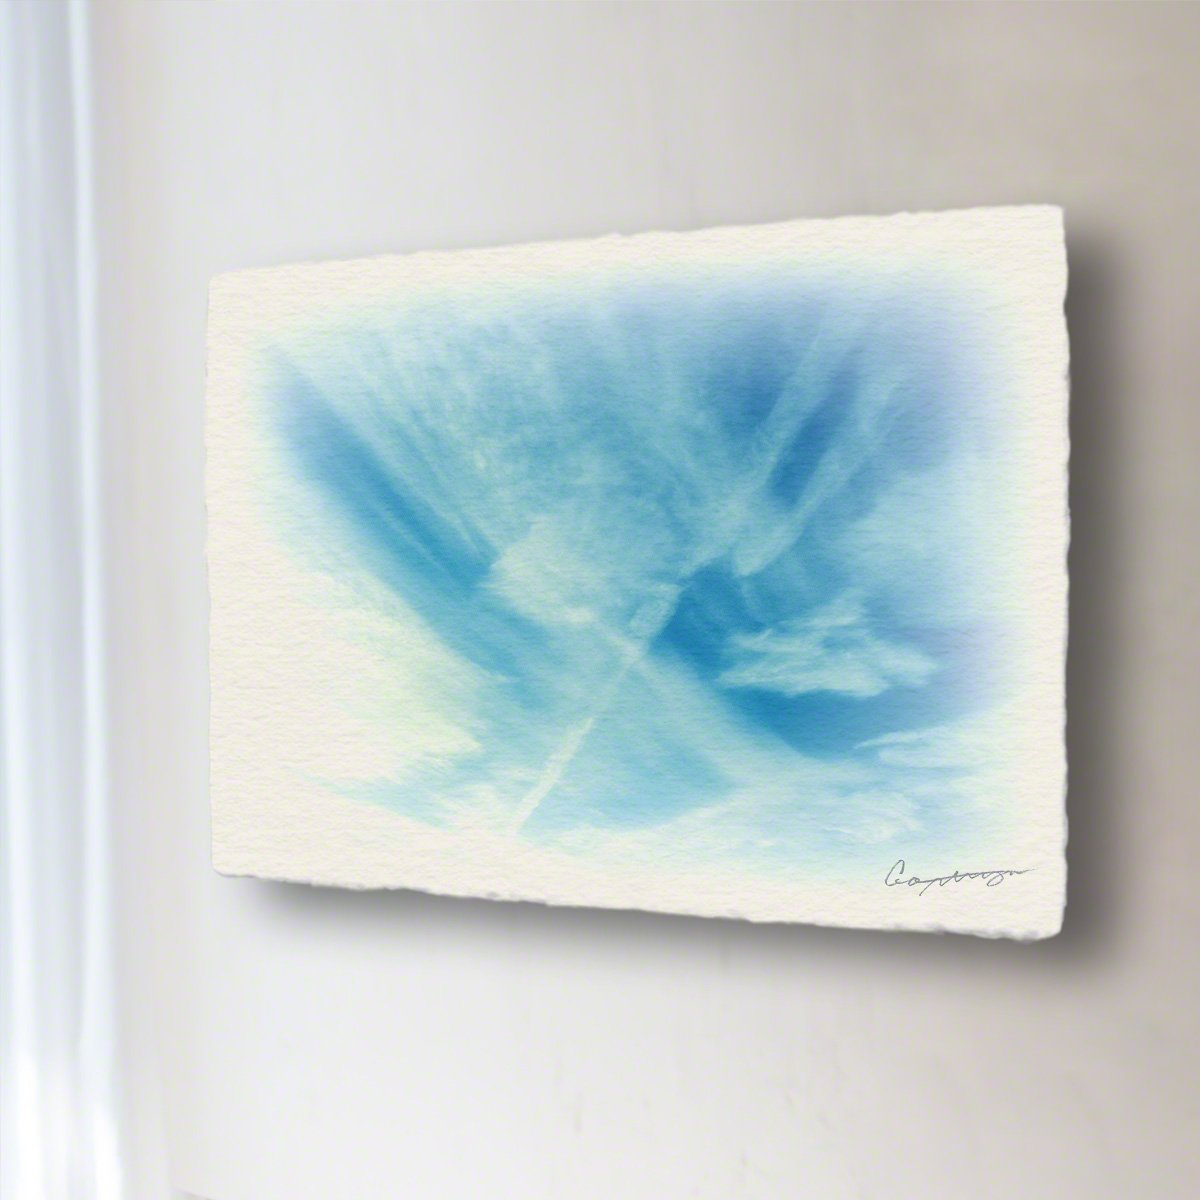 和紙 アートパネル「筋雲と飛行機雲」 (40x30cm) 絵 絵画 壁掛け 壁飾り インテリア アート B074XKQ6P8 14.アートパネル(長辺45cm) 18800円|筋雲と飛行機雲 筋雲と飛行機雲 14.アートパネル(長辺45cm) 18800円